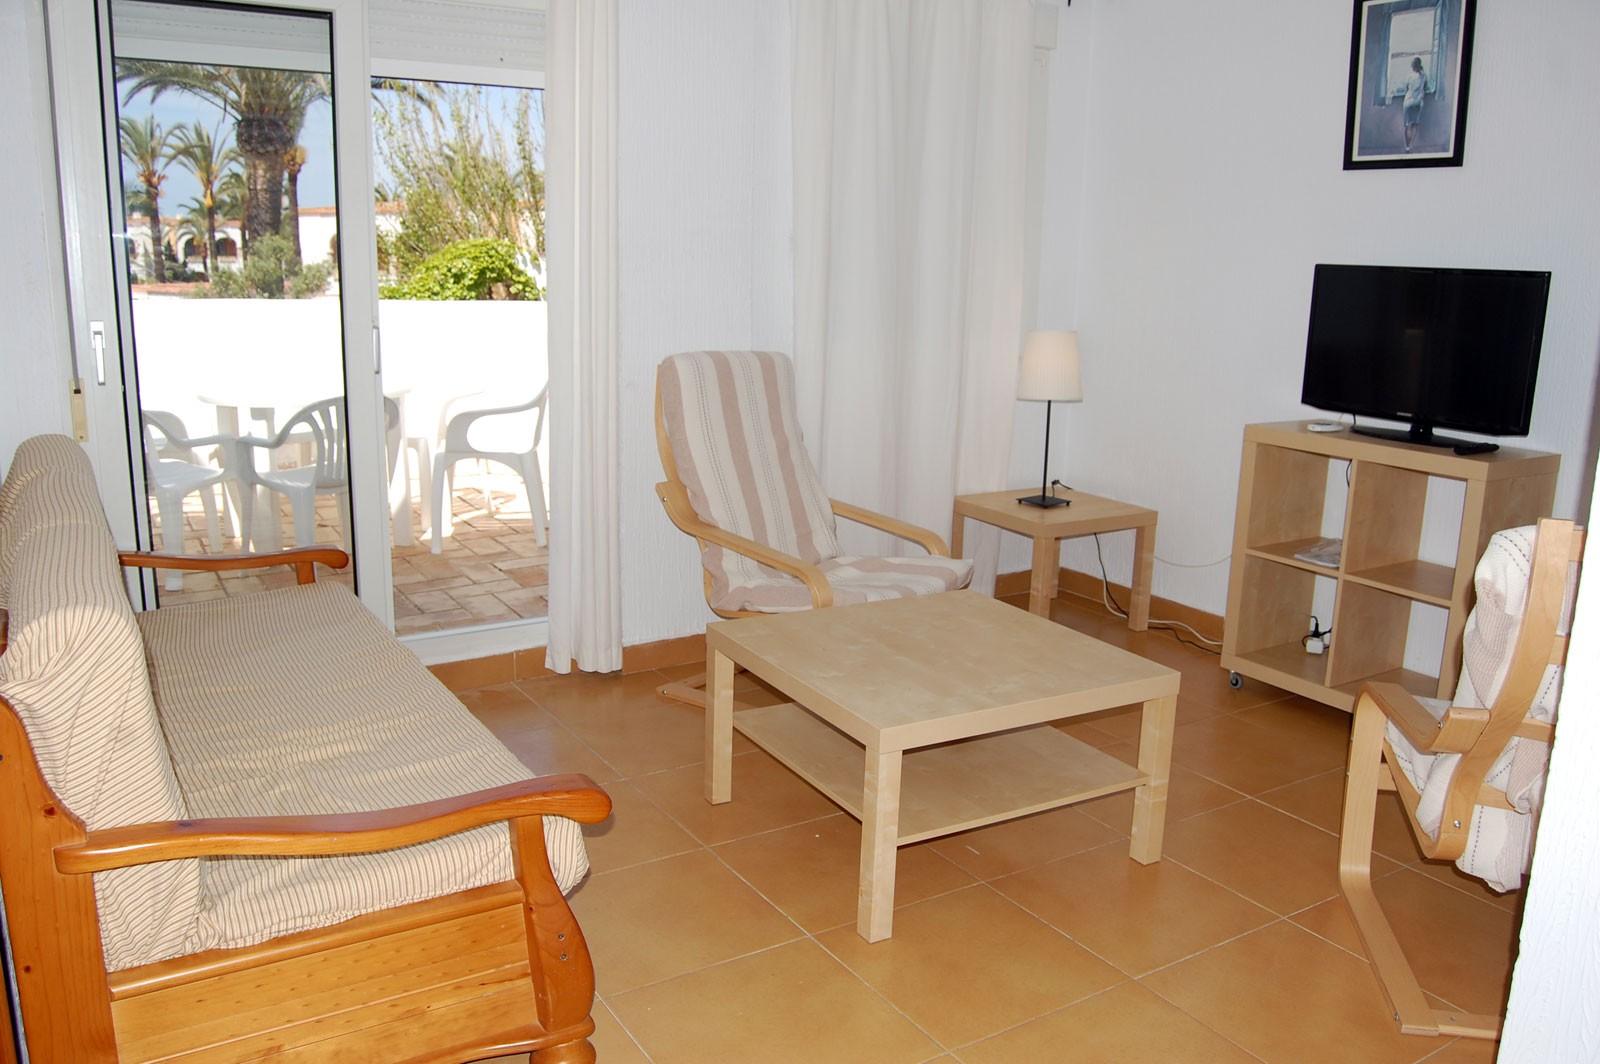 Alquiler apartamento 2 dormitorios en zahara de los atunes - Alquiler piso zahara delos atunes ...